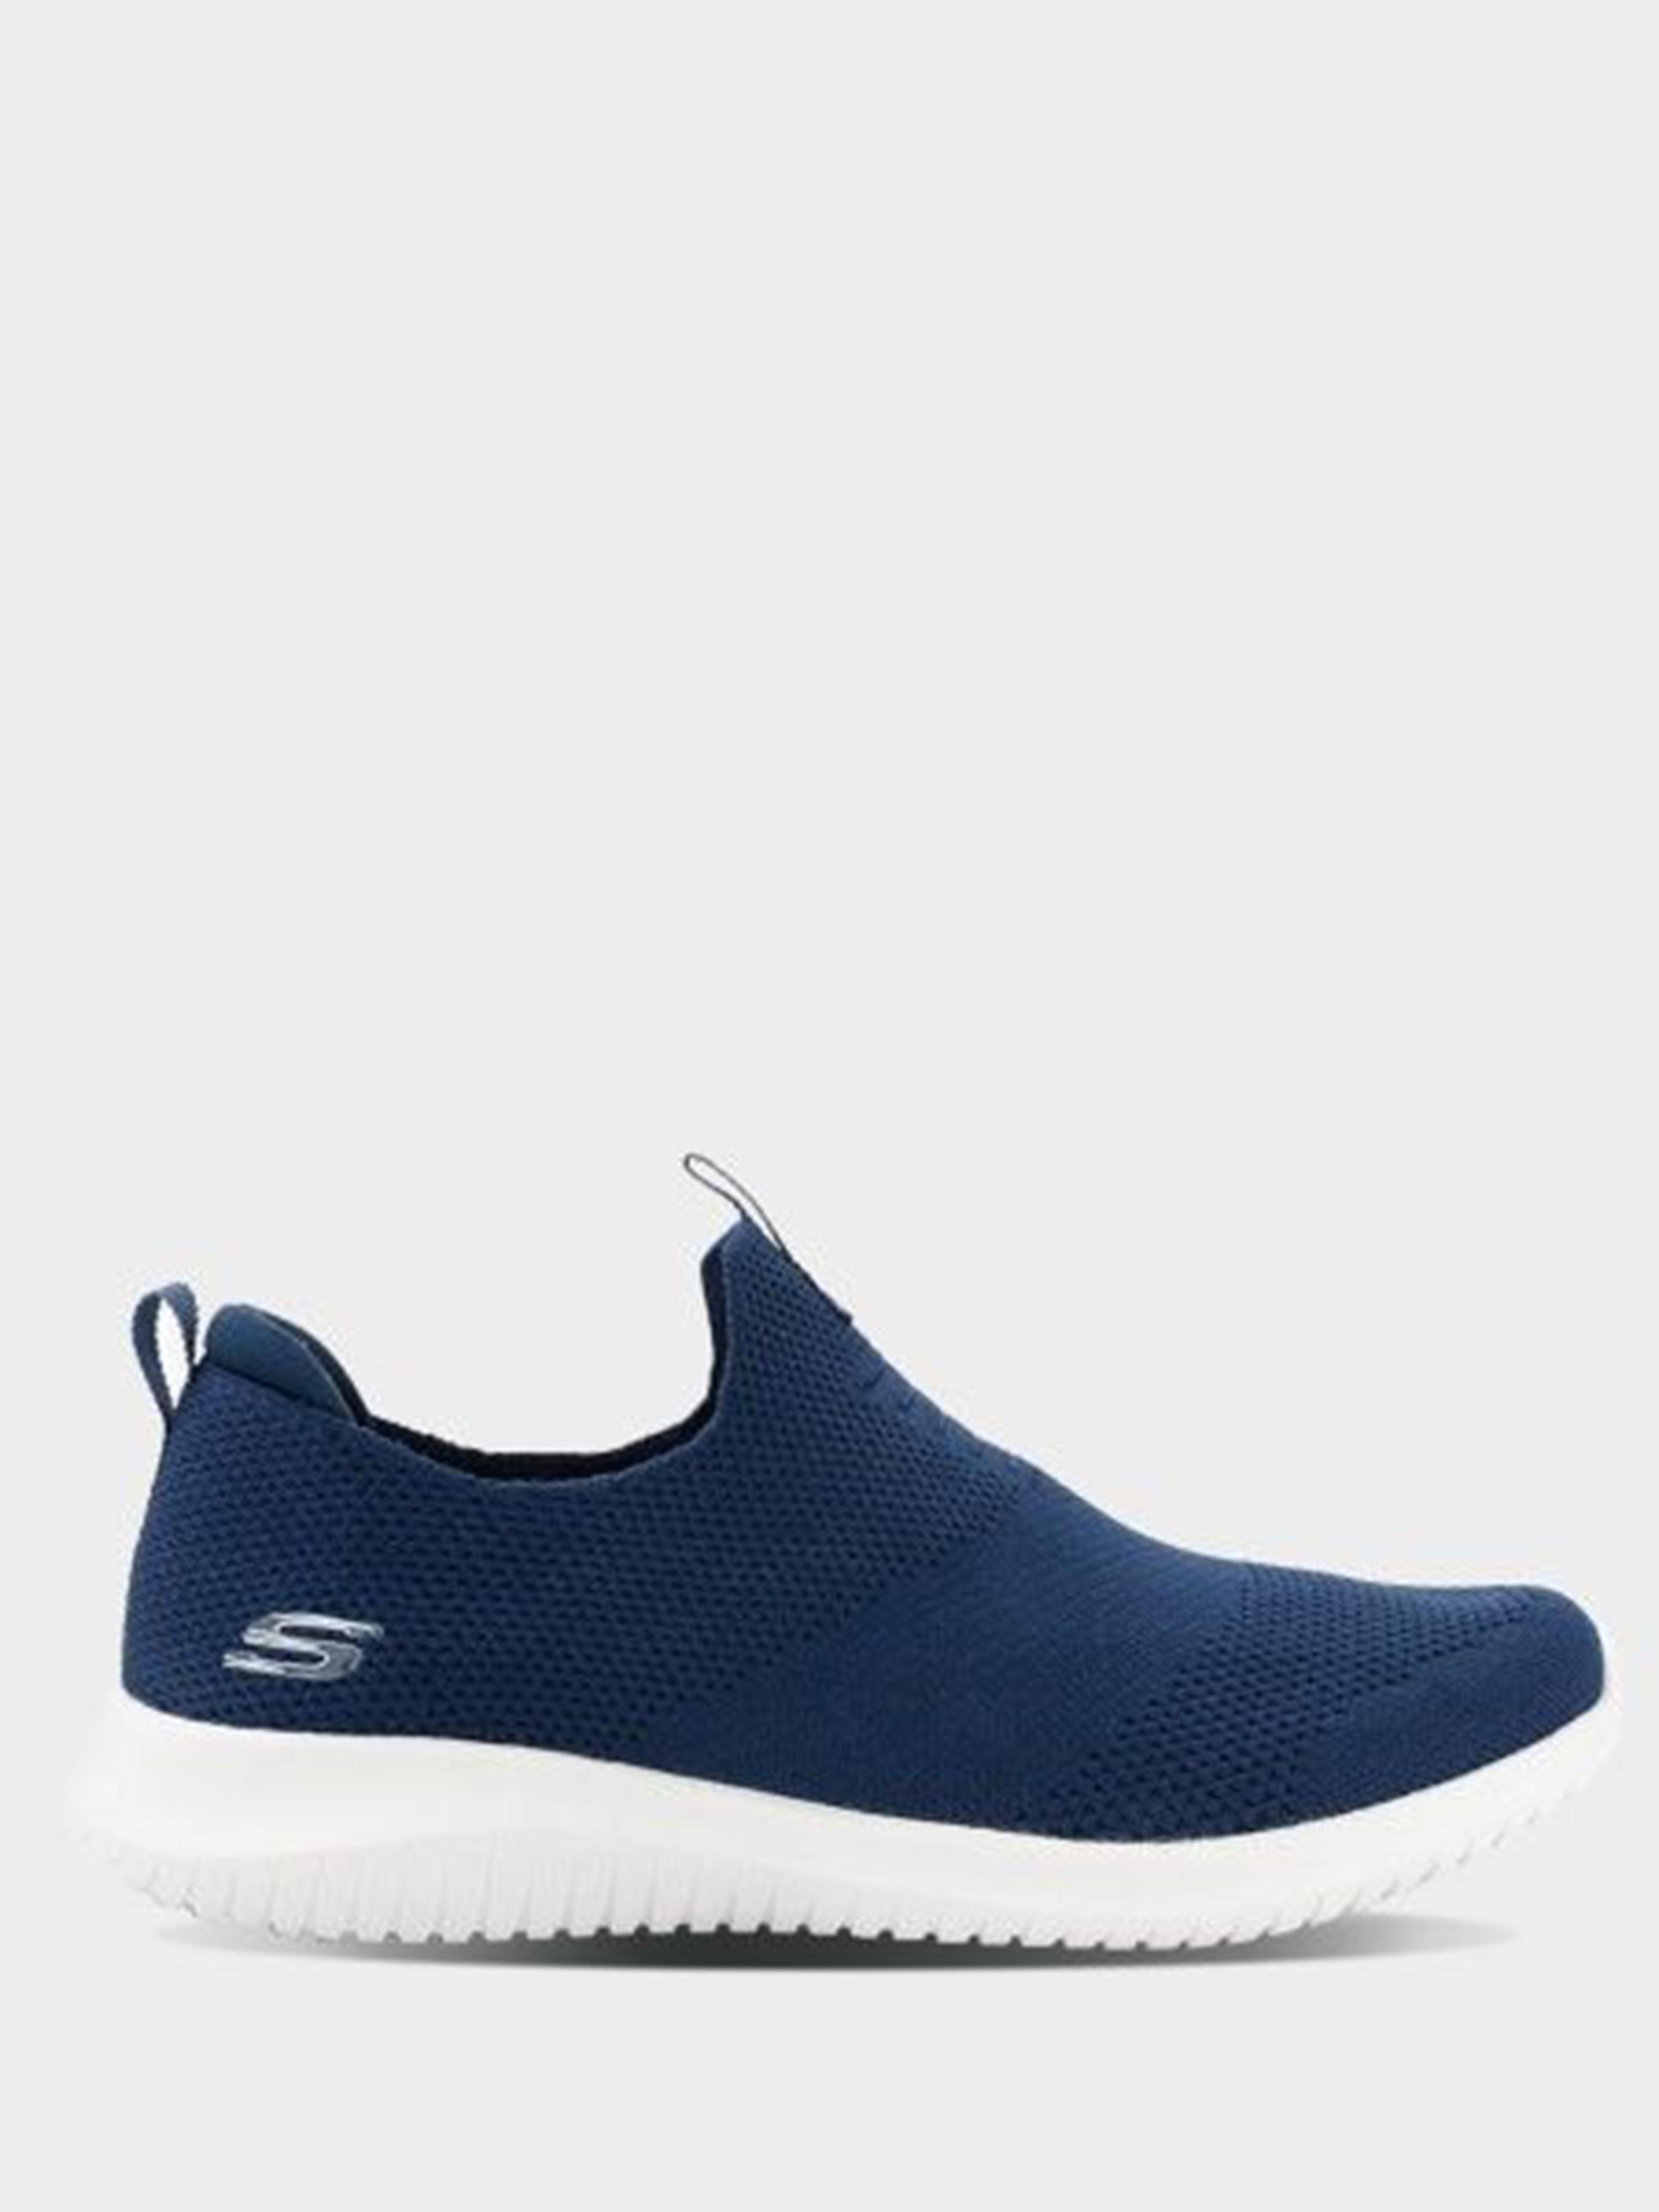 Слипоны женские Skechers SPORT 12837 NVY купить обувь, 2017